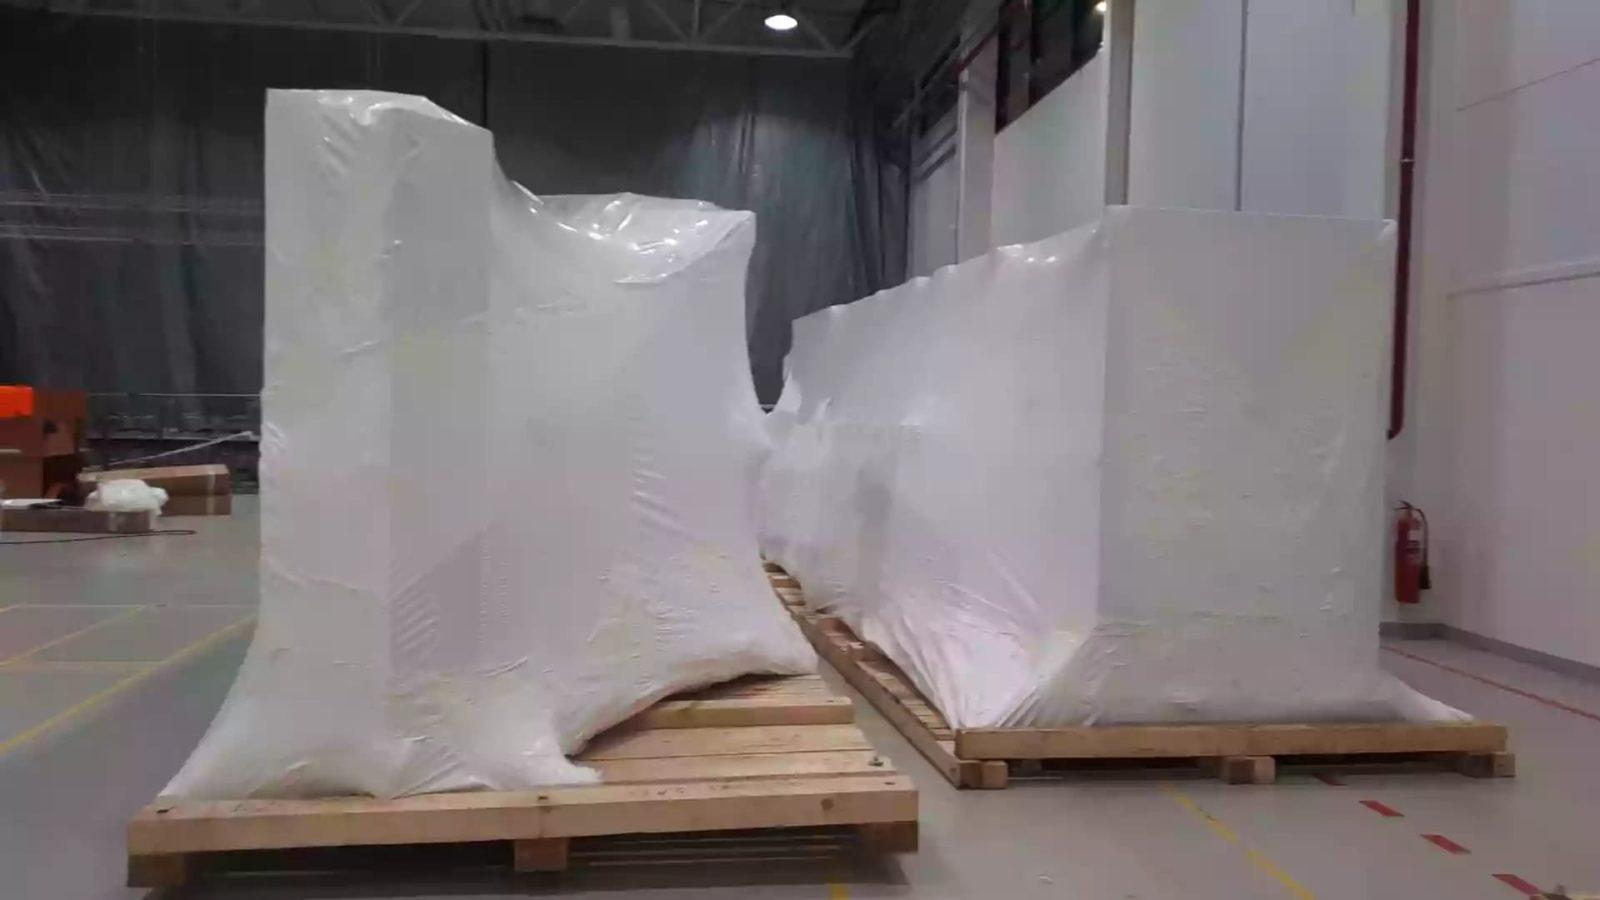 Упаковка оборудования в пленку 210 микрон для транспортировки в страну дальнего зарубежья